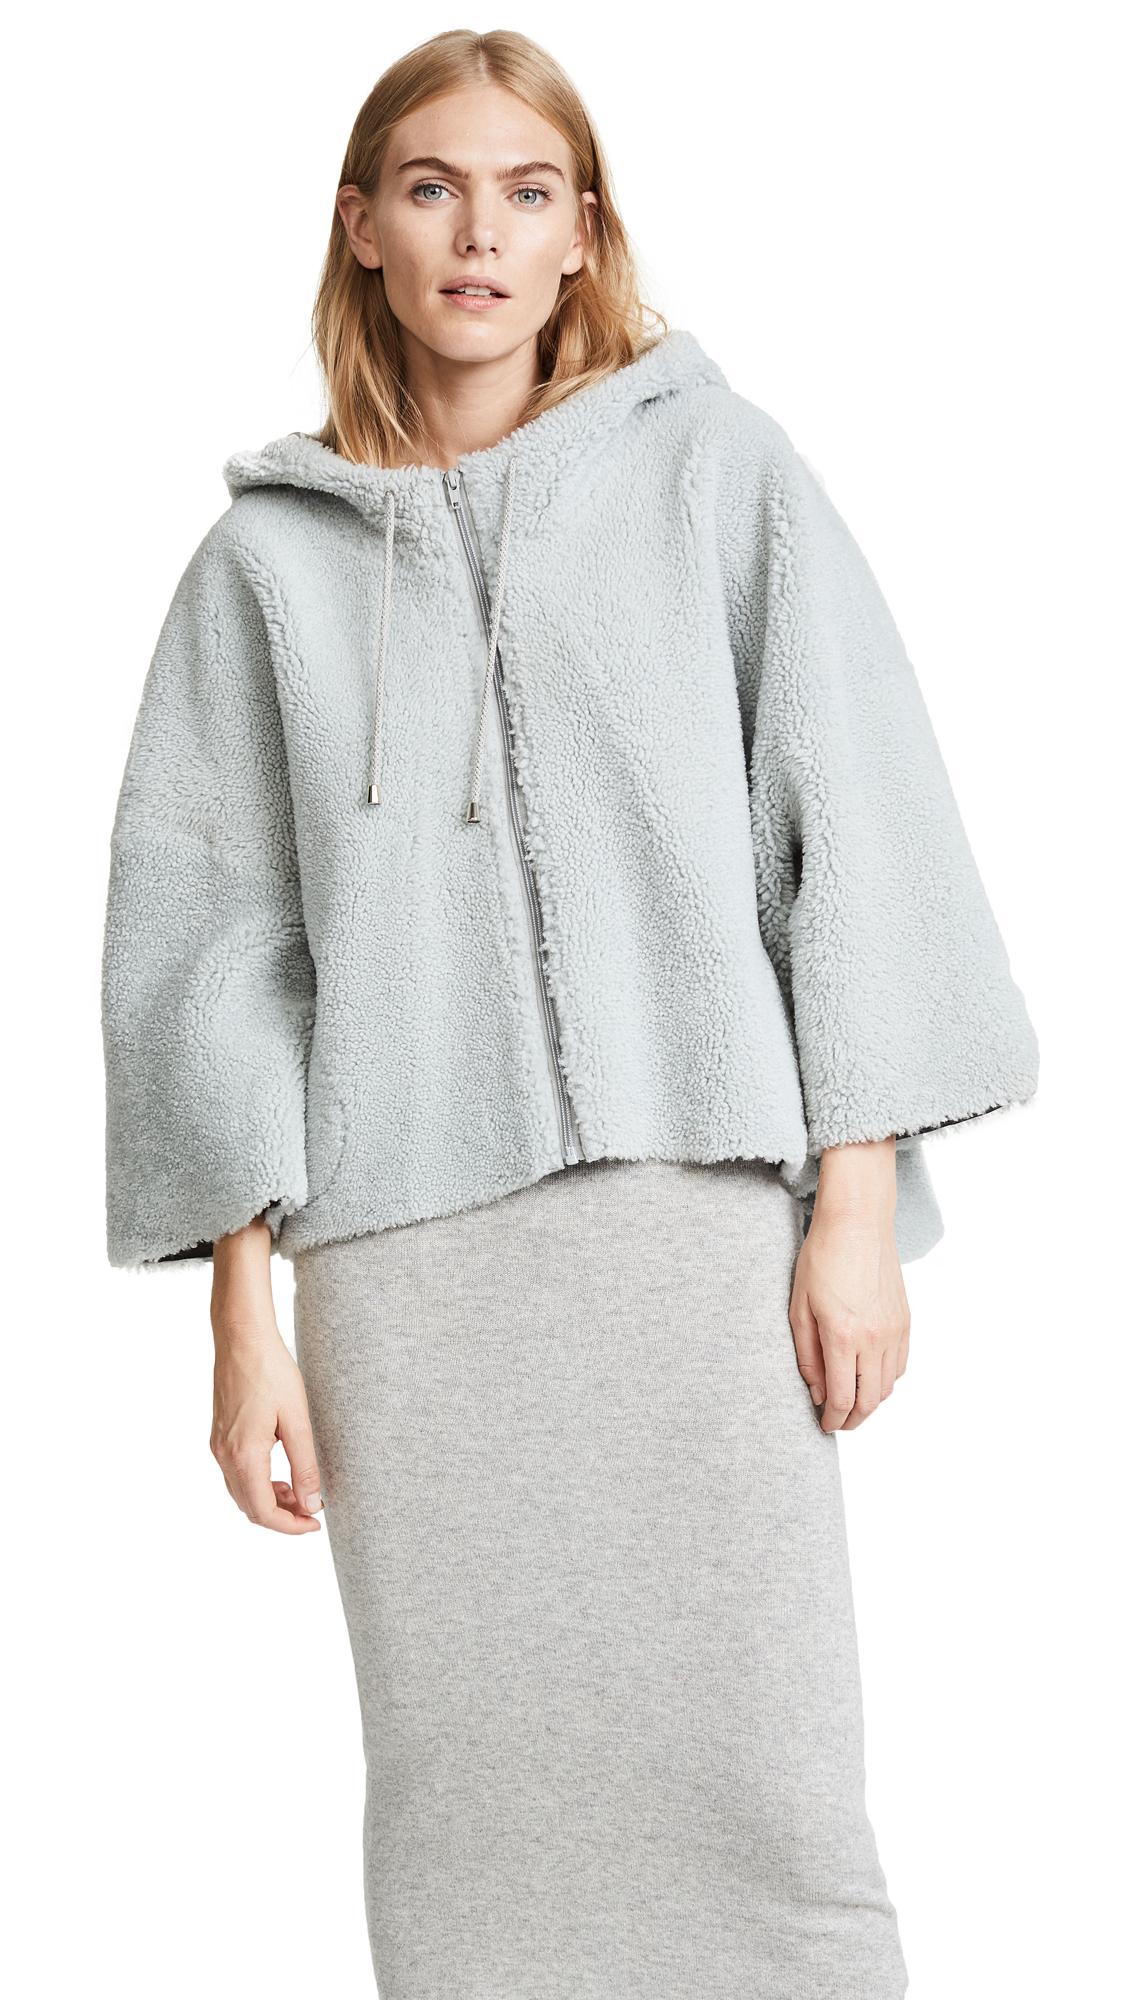 Anne Vest Laurent Hoodie - Grey